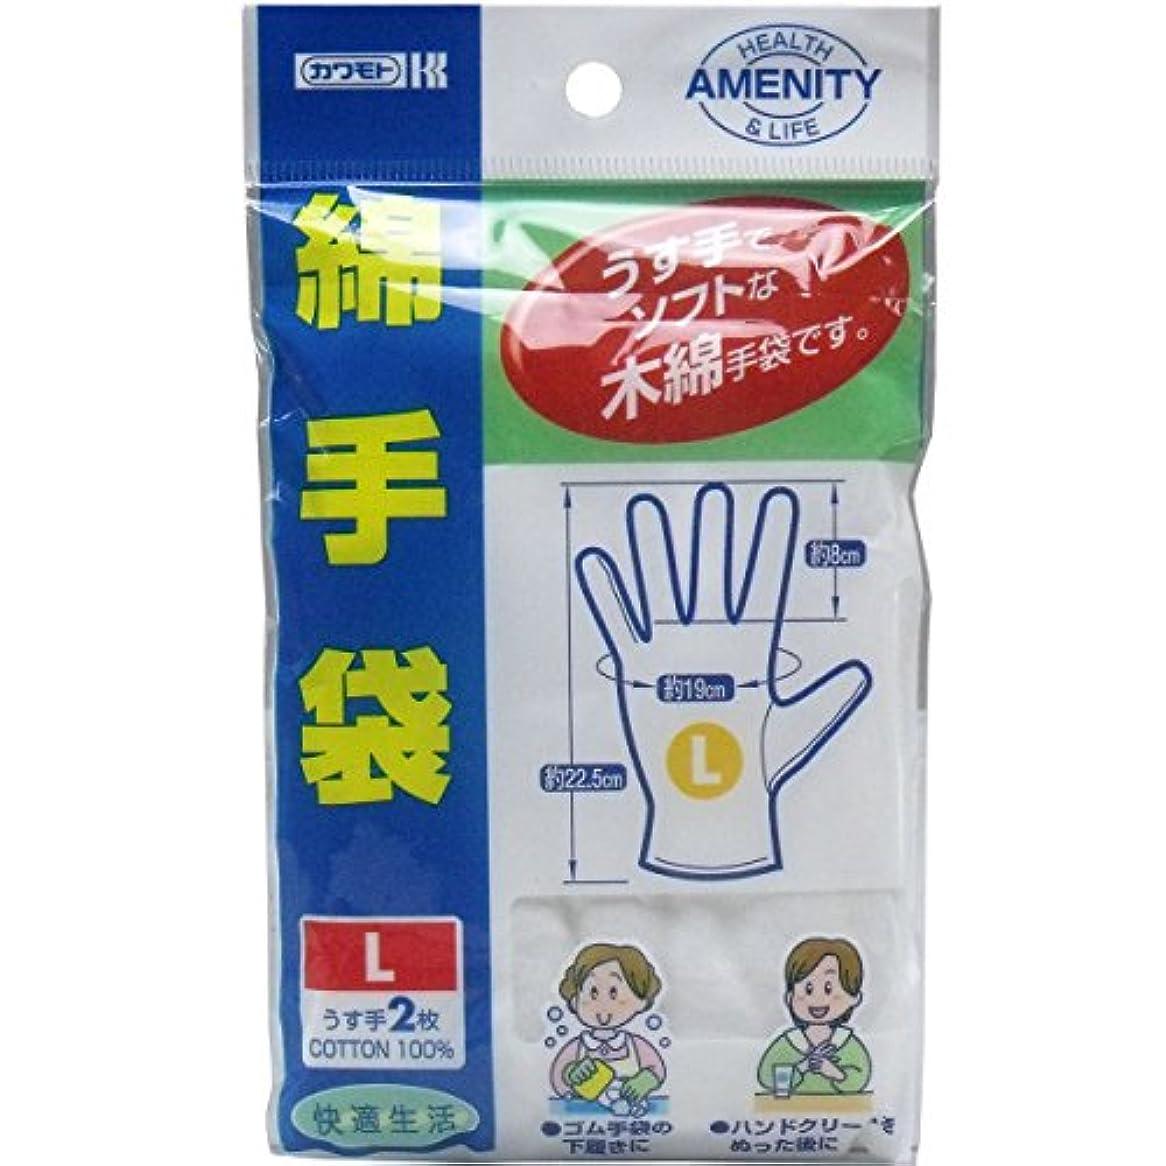 ホストアストロラーベ見捨てられた【セット品】綿手袋 Lサイズ うす手2枚入 7個